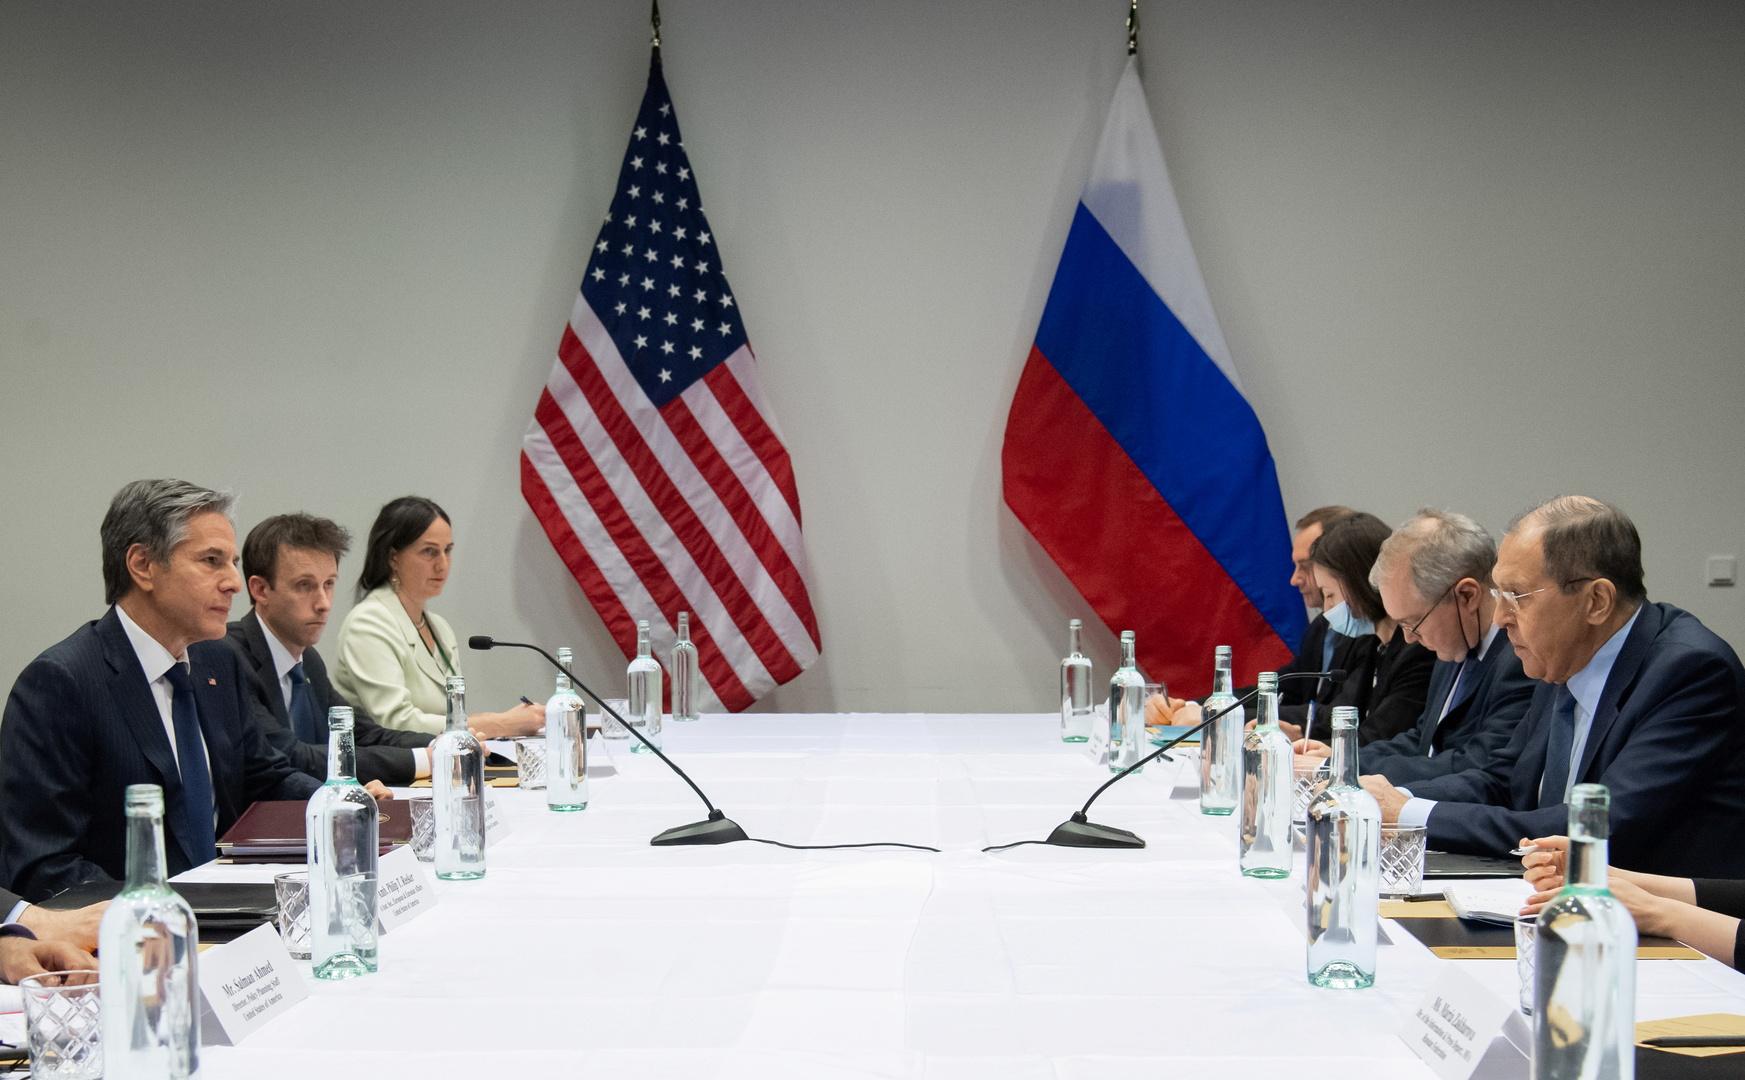 وزير الخارجية الروسي، سيرغي لافروف، ونظيره الأمريكي، أنتوني بلينكن، خلال اجتماعهما الأول الذي عقد في ريكيافيك يوم 20 مايو 2021.